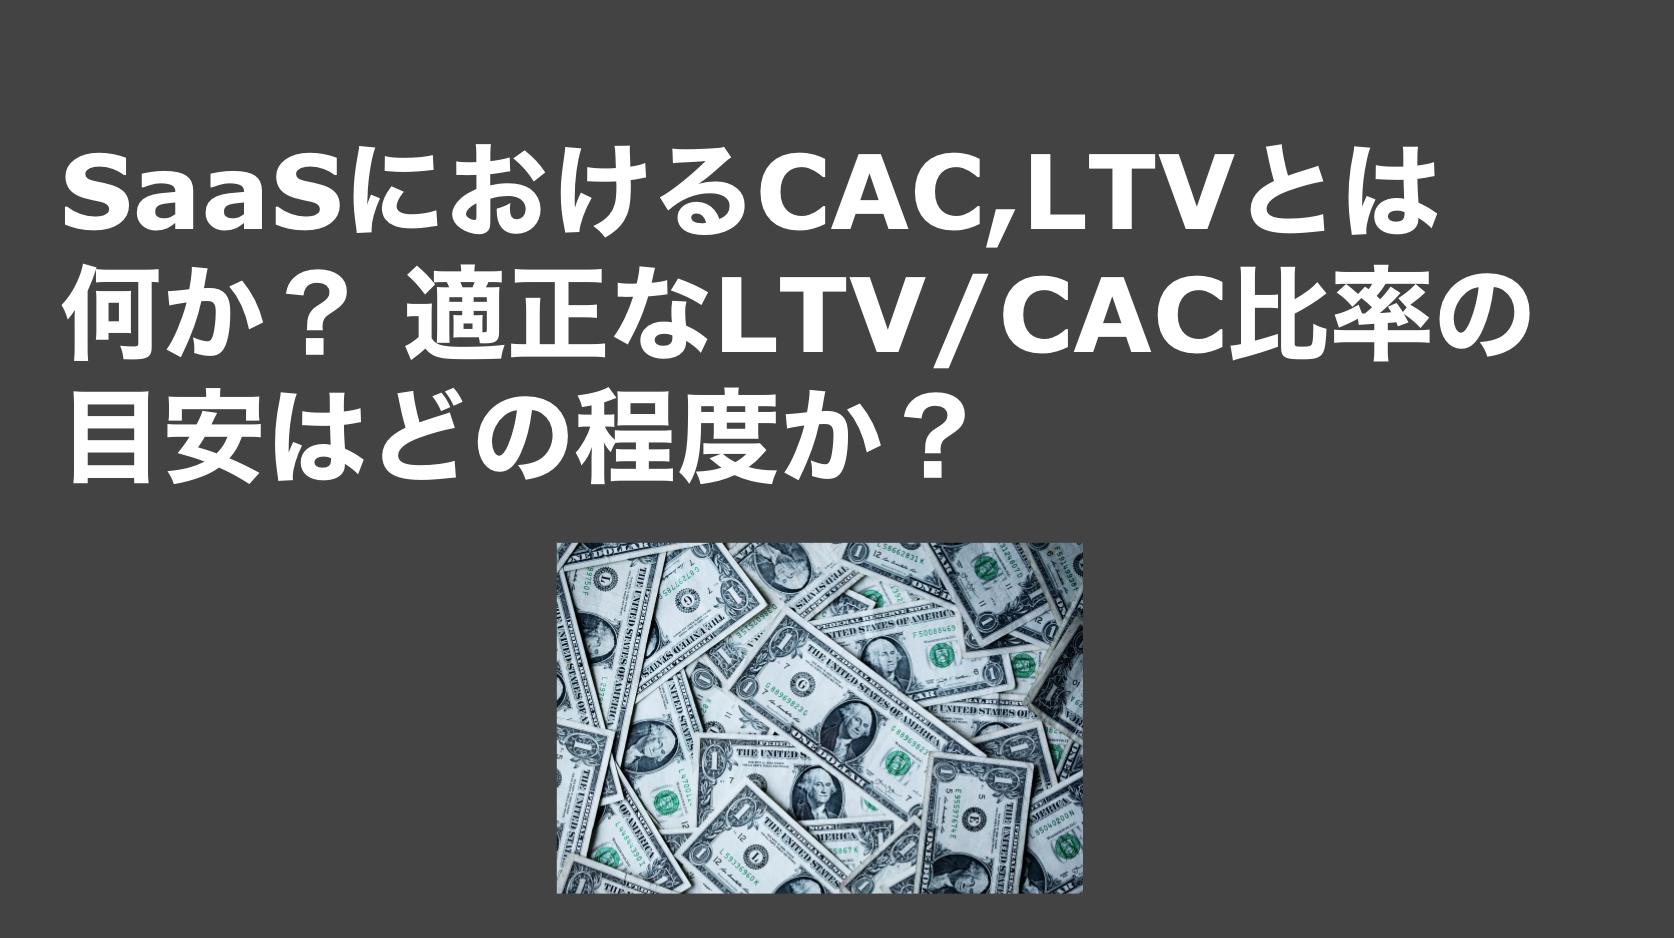 saaslife_SaaSにおけるCAC,LTVとは何か? 適正なLTV/CAC比率の目安はどの程度か?